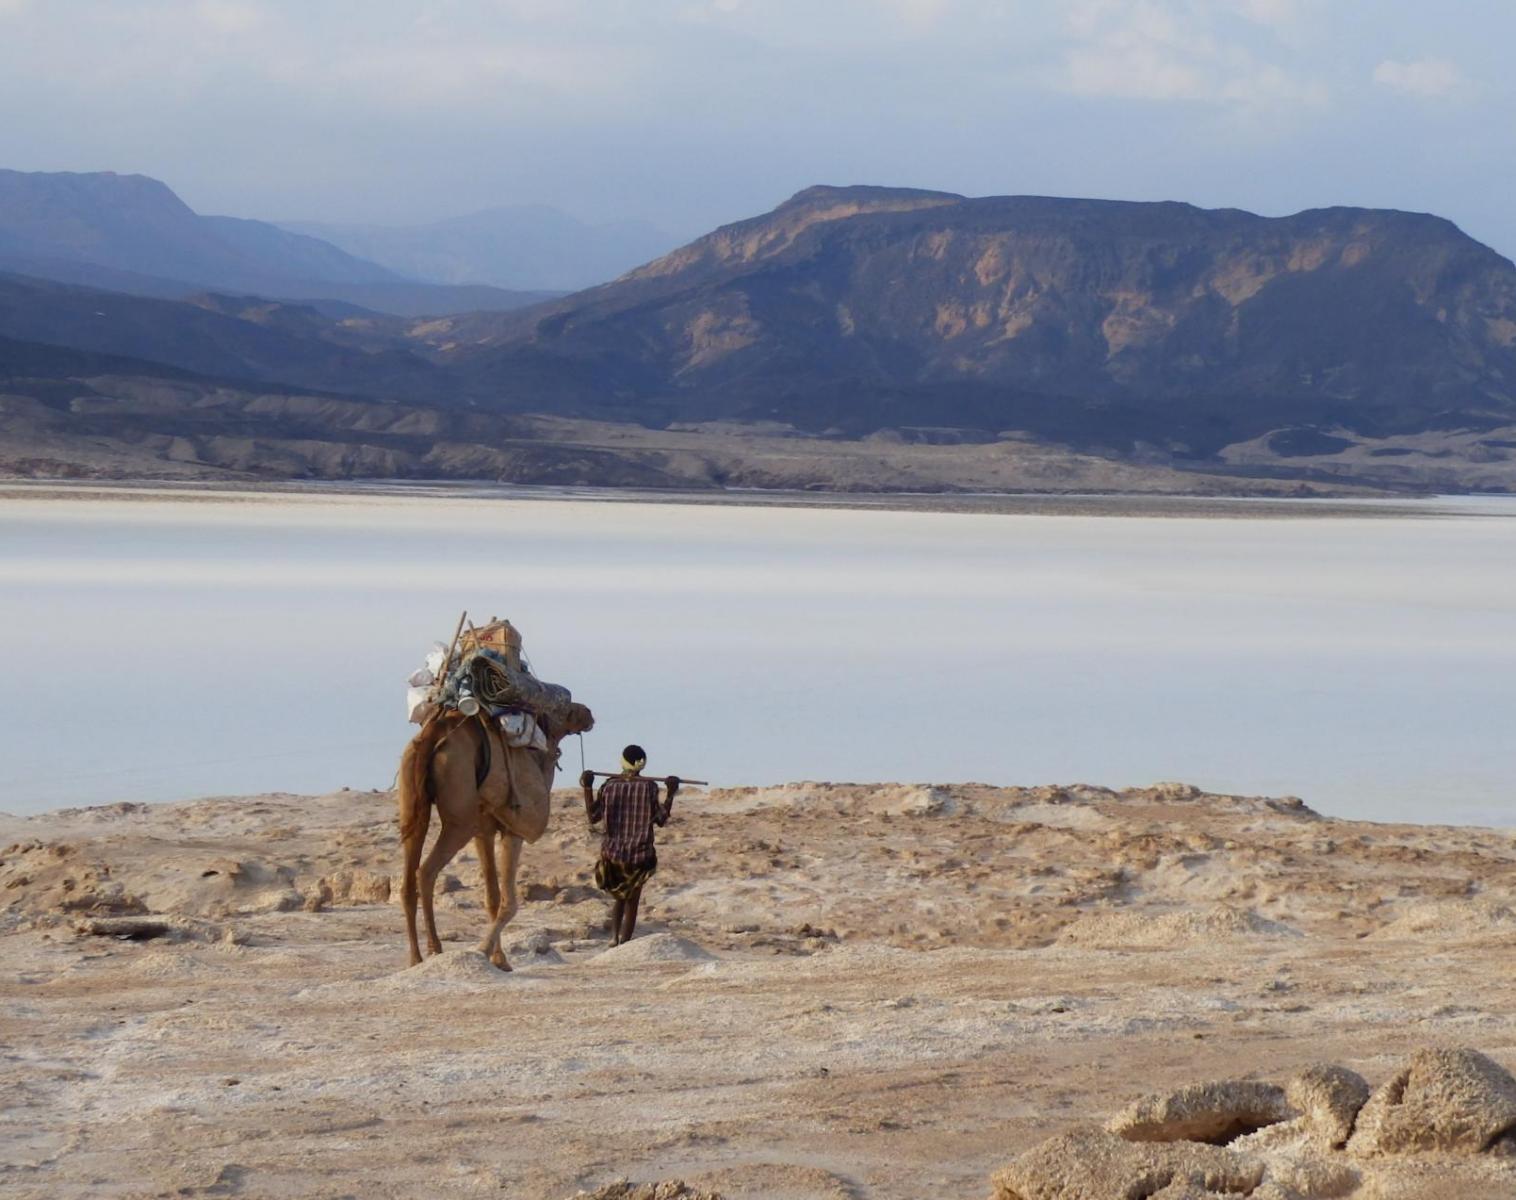 Djibouti  Randonnée chamelière et art rupestre   Trek & Randonnée Rencontres et cultures du Monde